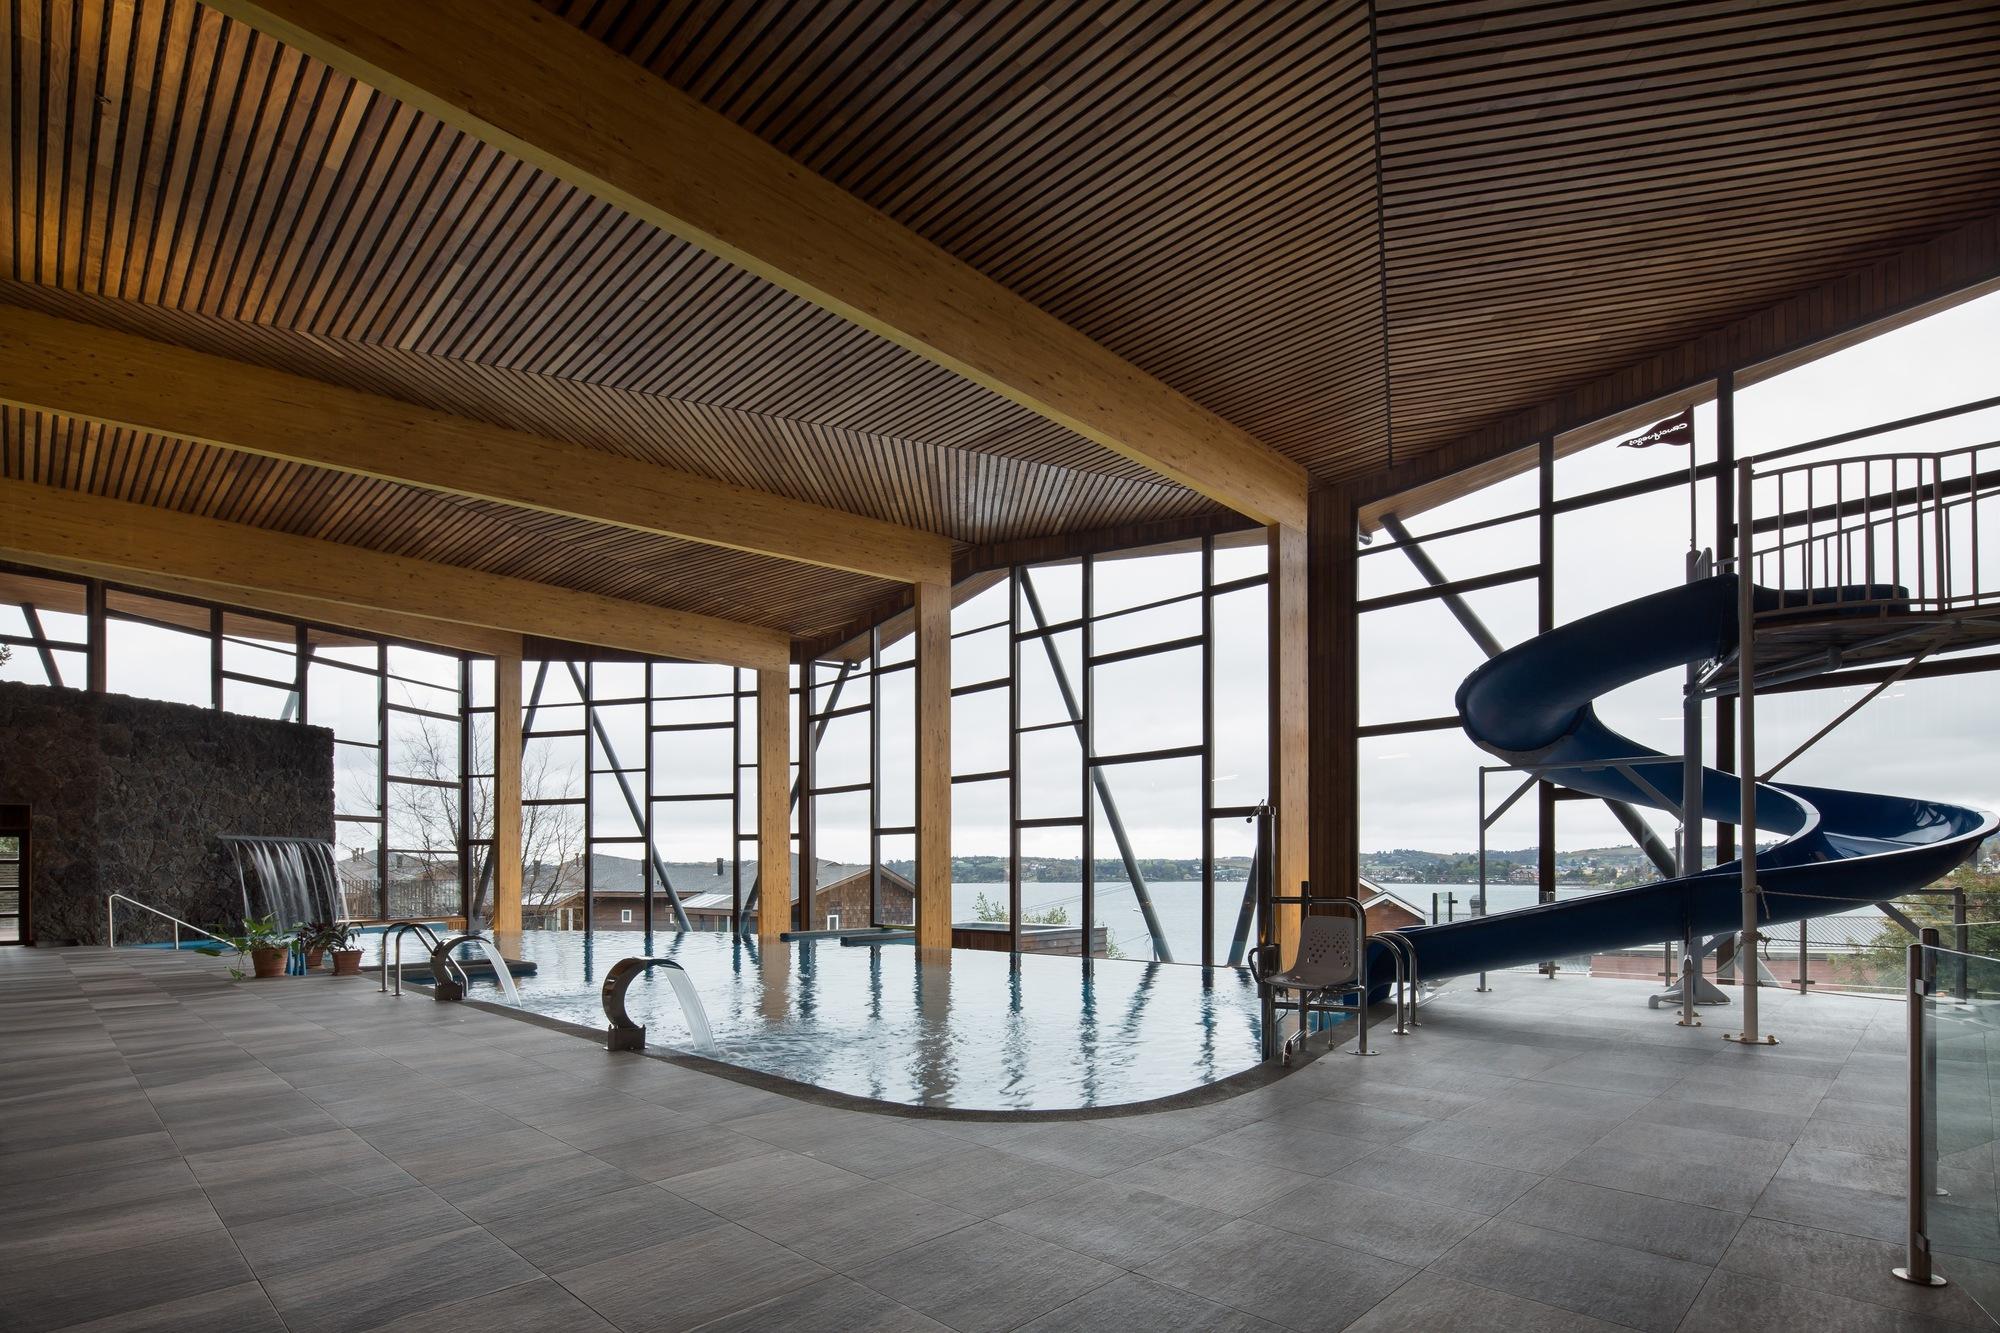 Dise O Y Arquitectura De Hoteles En Chile Plataforma Arquitectura # Kunza Muebles De Madera